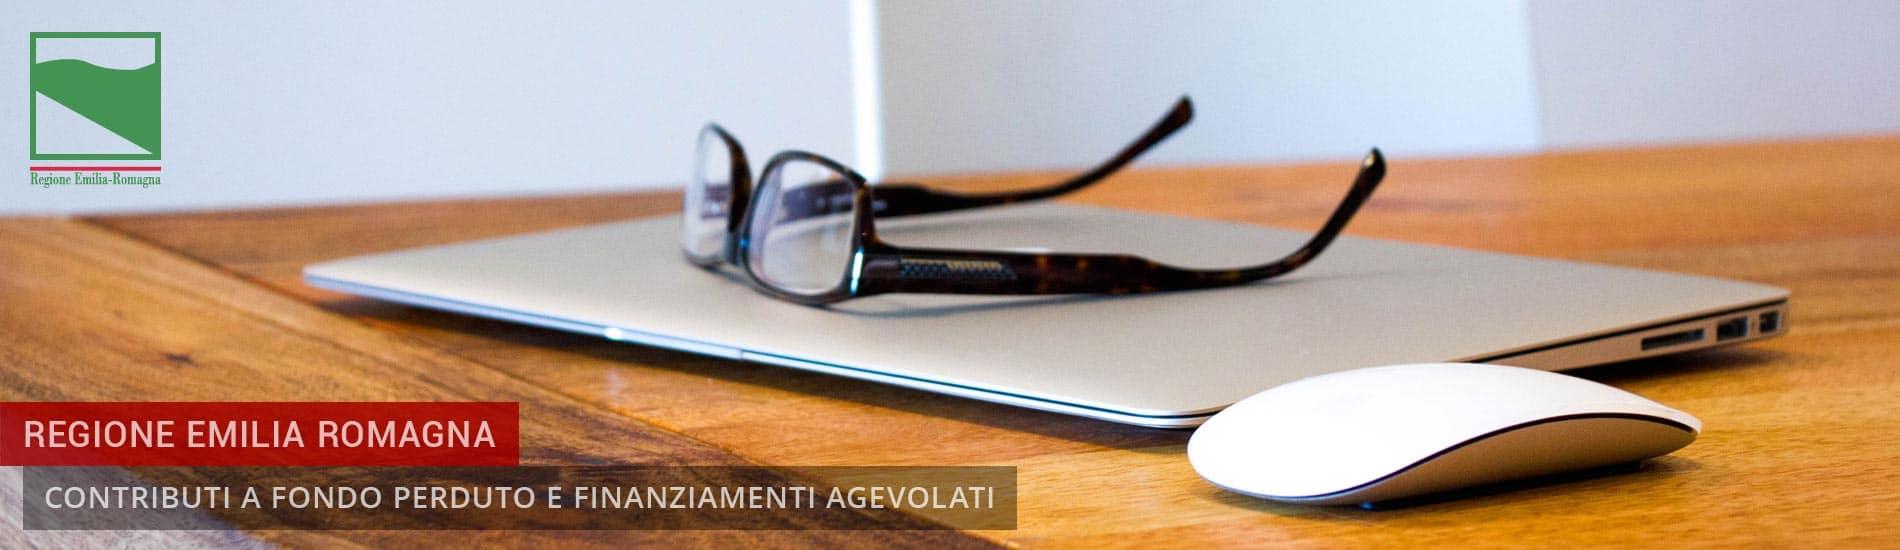 Regione Emilia Romagna: Bandi Contributi a fondo perduto e Finanziamenti agevolati